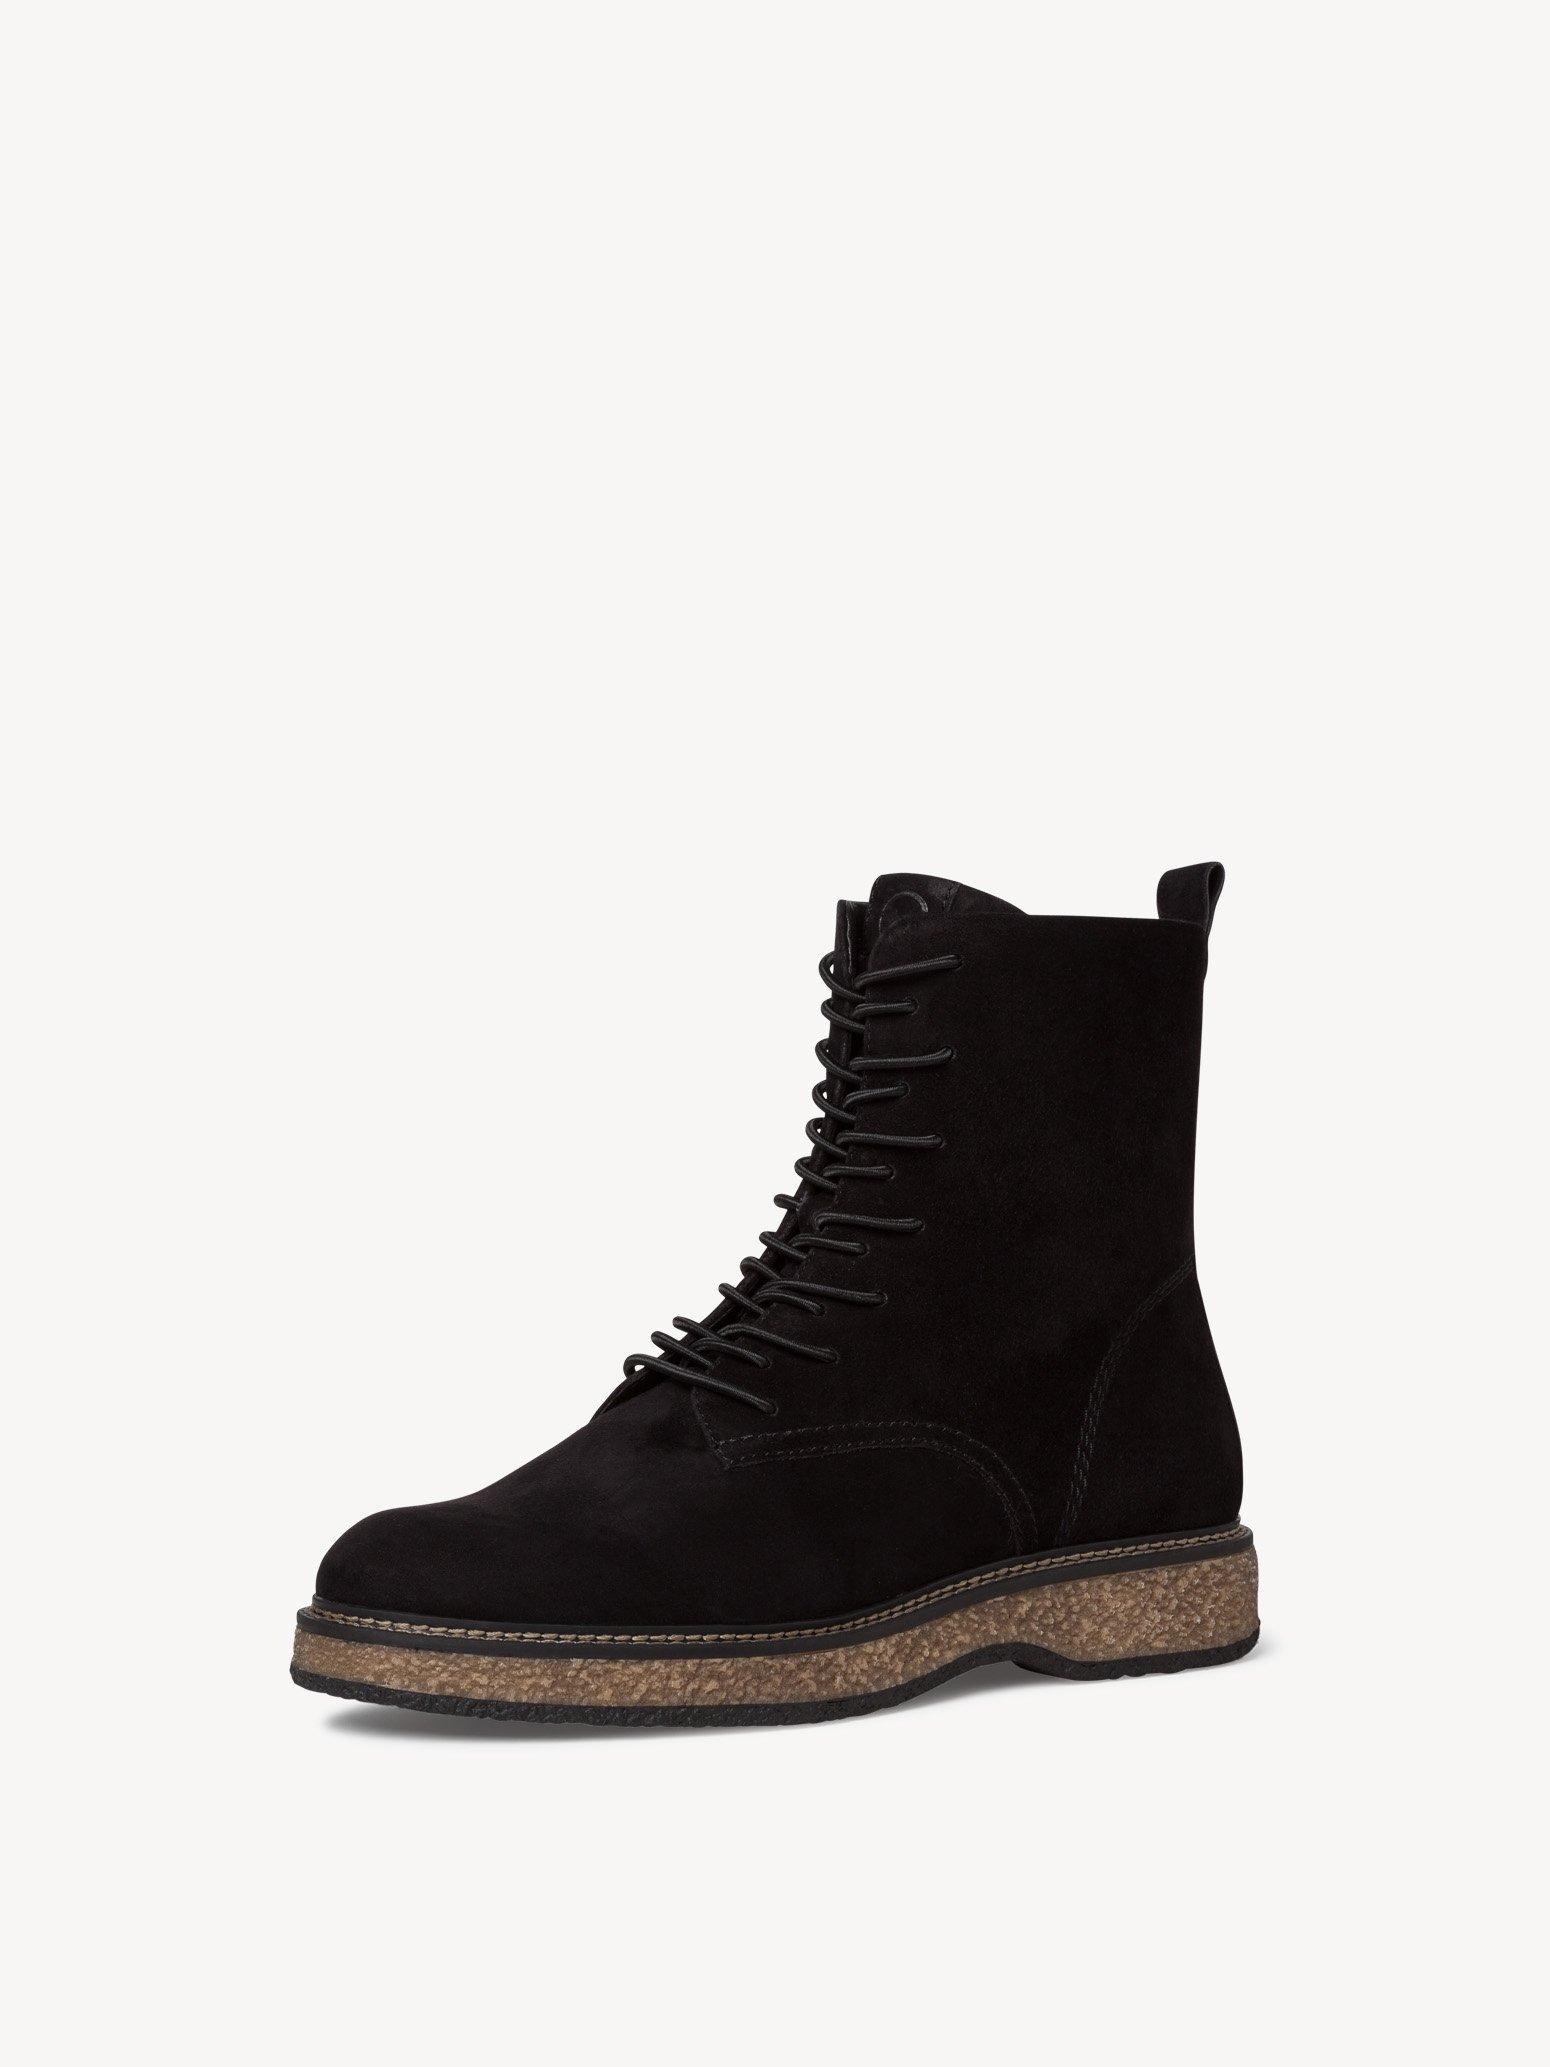 Ботинки Tamaris 1-1-26215-25-001 фотография